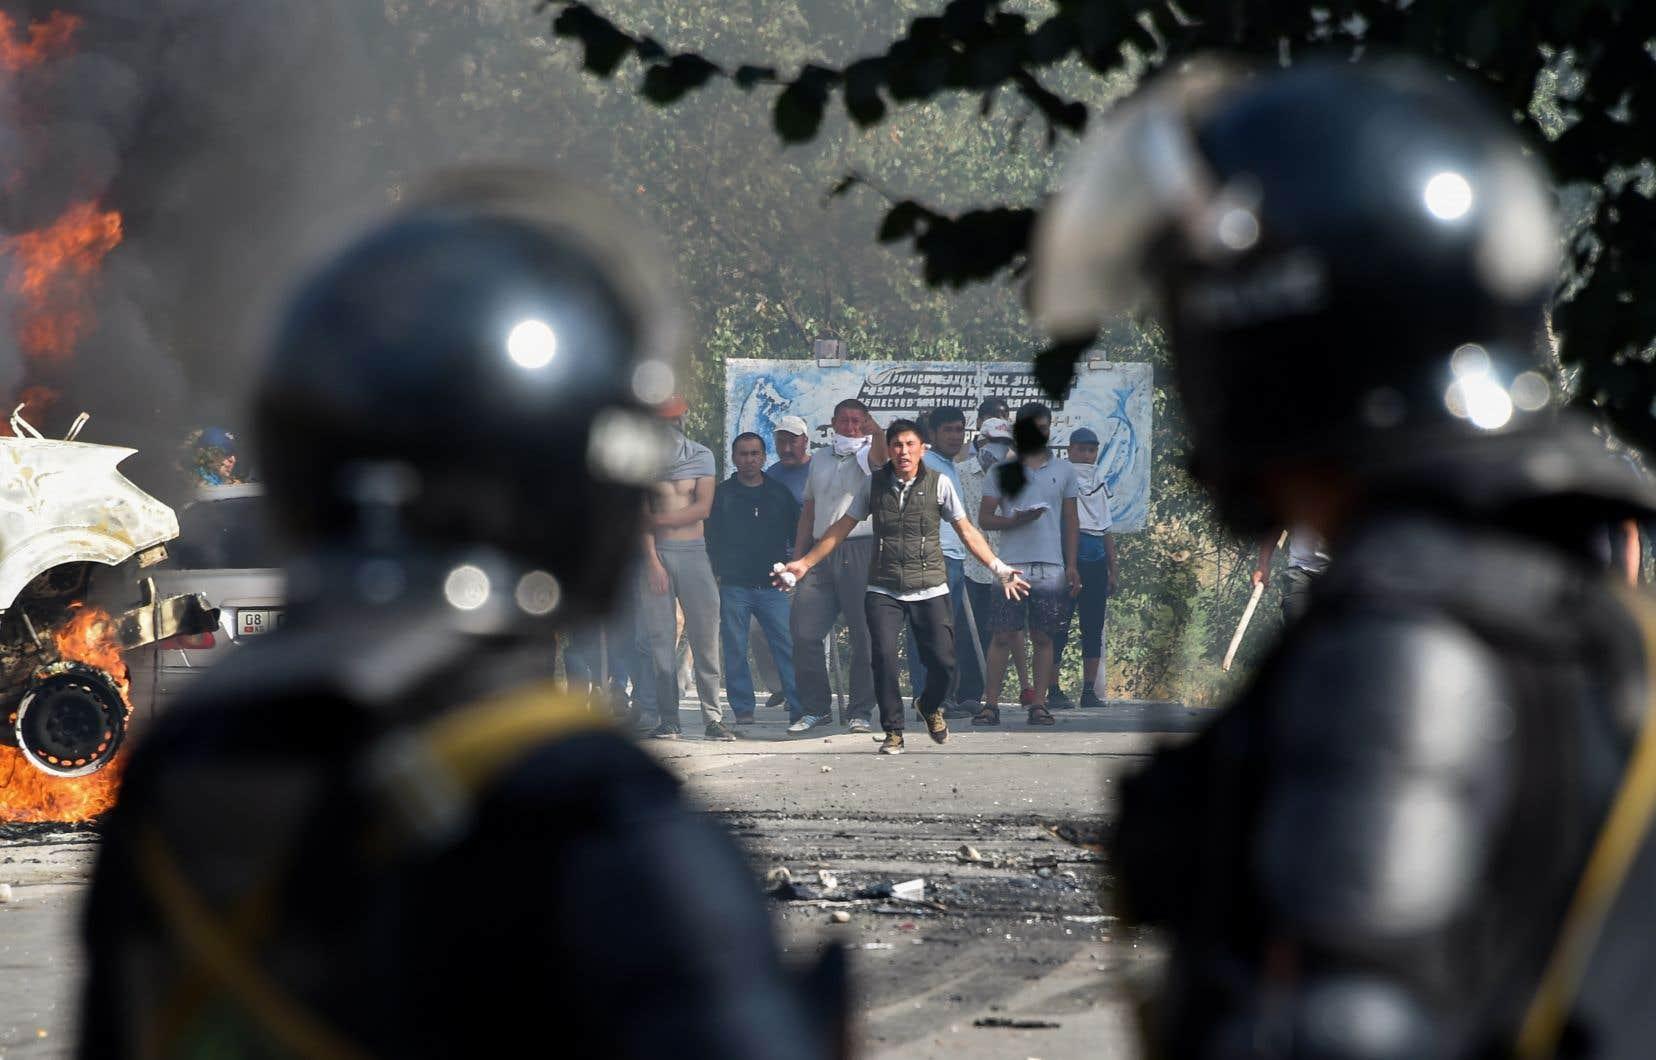 L'ex-président, arrêté la semaine dernière après une opération des forces spéciales marquée par des violences, a été accusé mardi d'avoir fomenté un coup d'État.